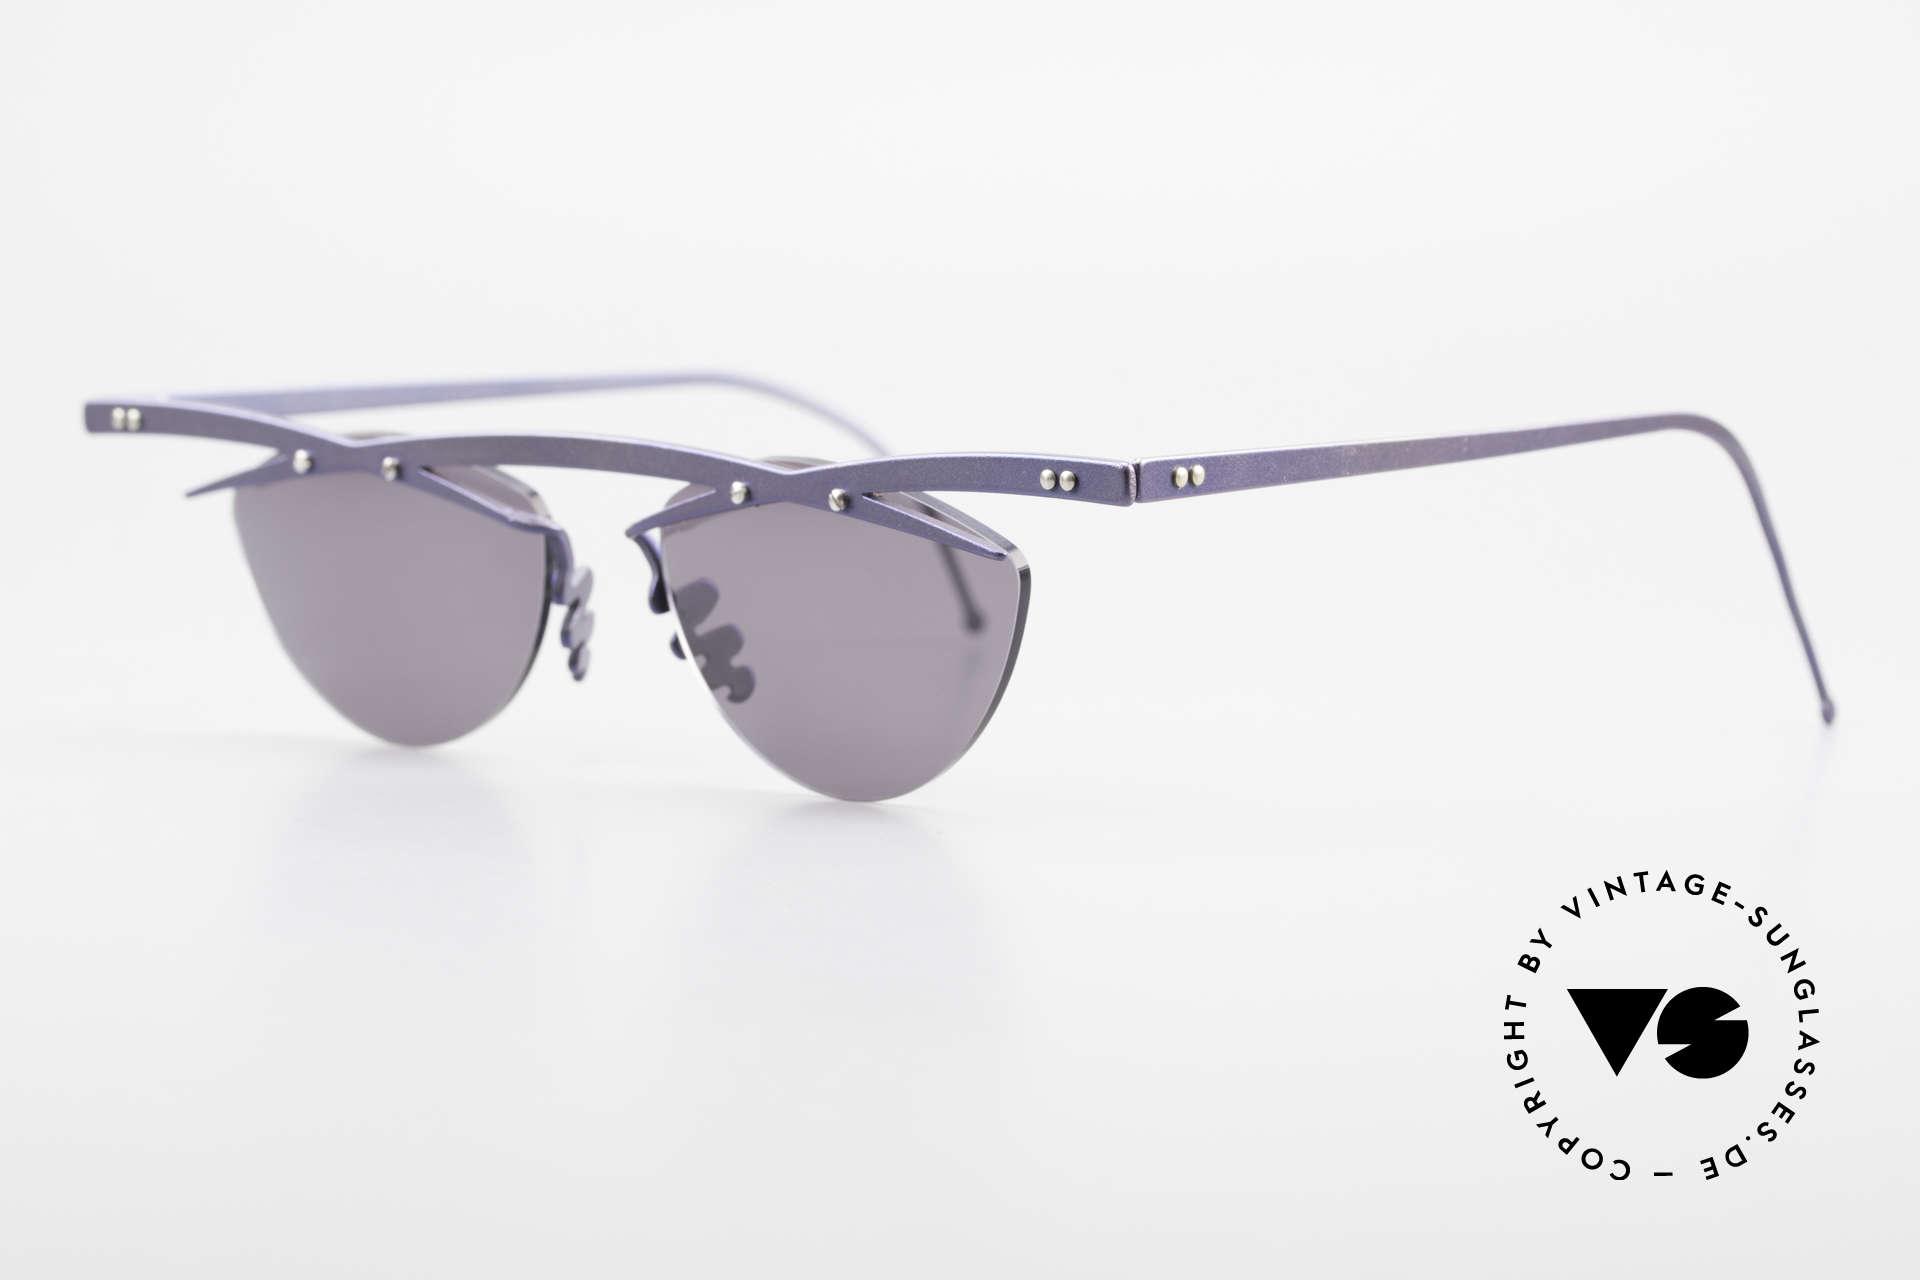 Theo Belgium Tita III 2 Crazy Vintage Sonnenbrille XL, TITA-Serie = XL Titanium Modelle von THEO der 1990er, Passend für Herren und Damen